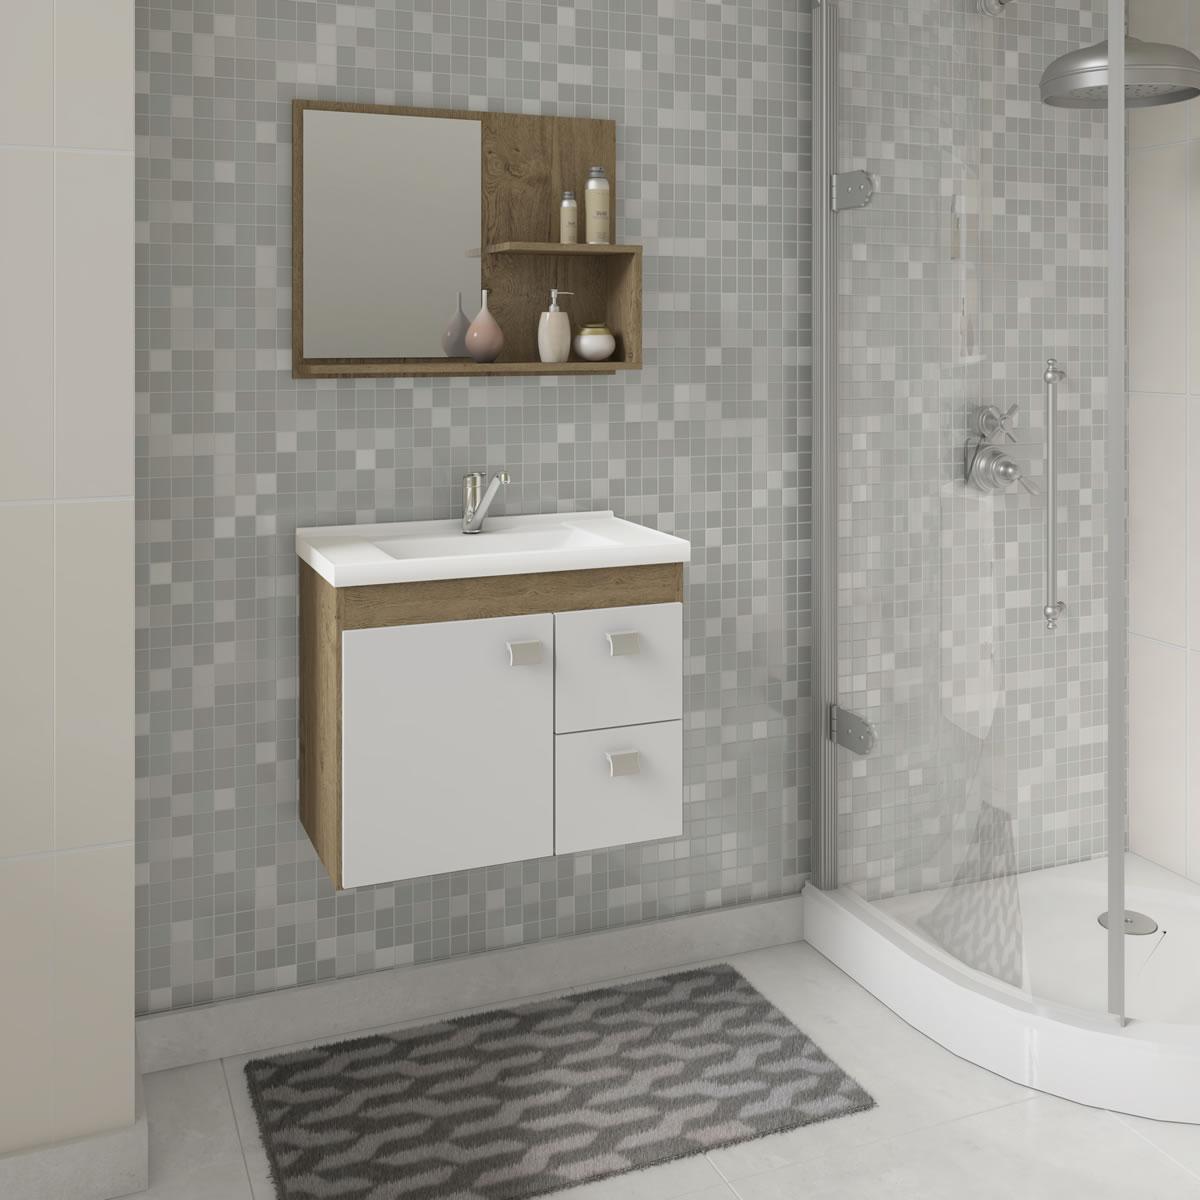 Gabinete De Banheiro 100% Mdf Hortencia 55 Cm Com Espelho Carvalho/Branco - Mgm